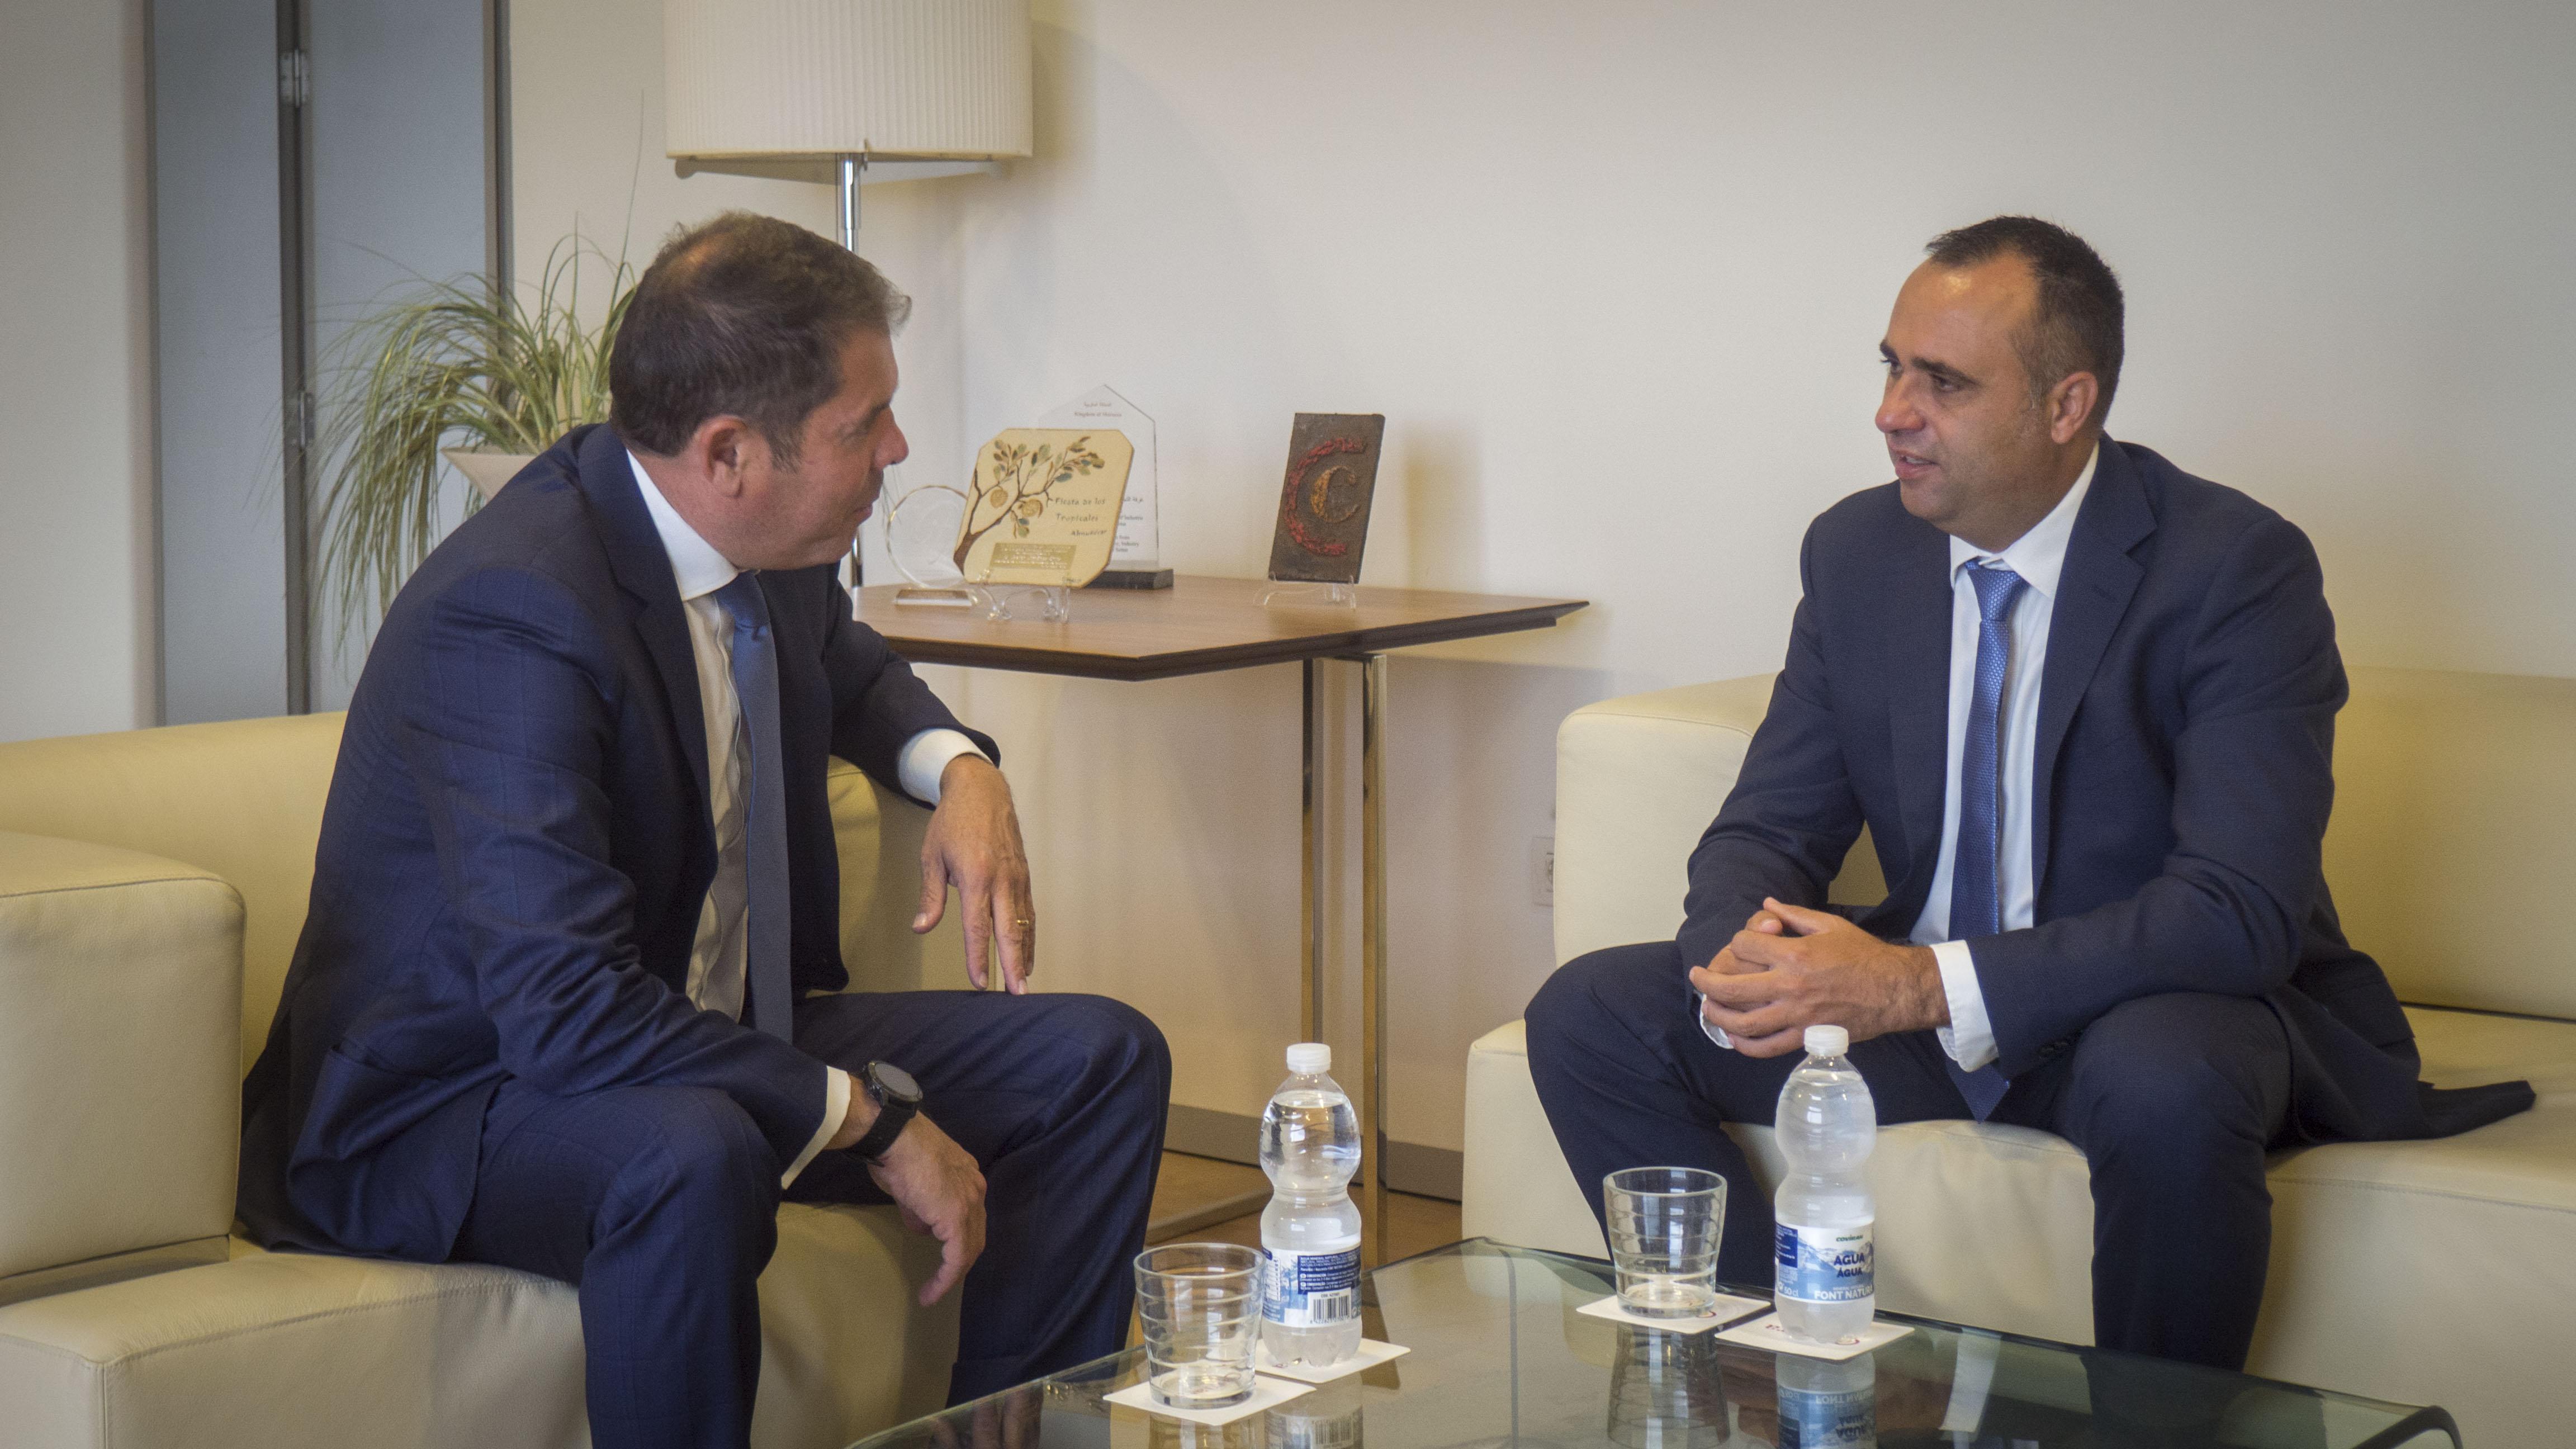 El Presidente del PP trasmite a Cuerva su preocupación por la situación de las empresas en Granada